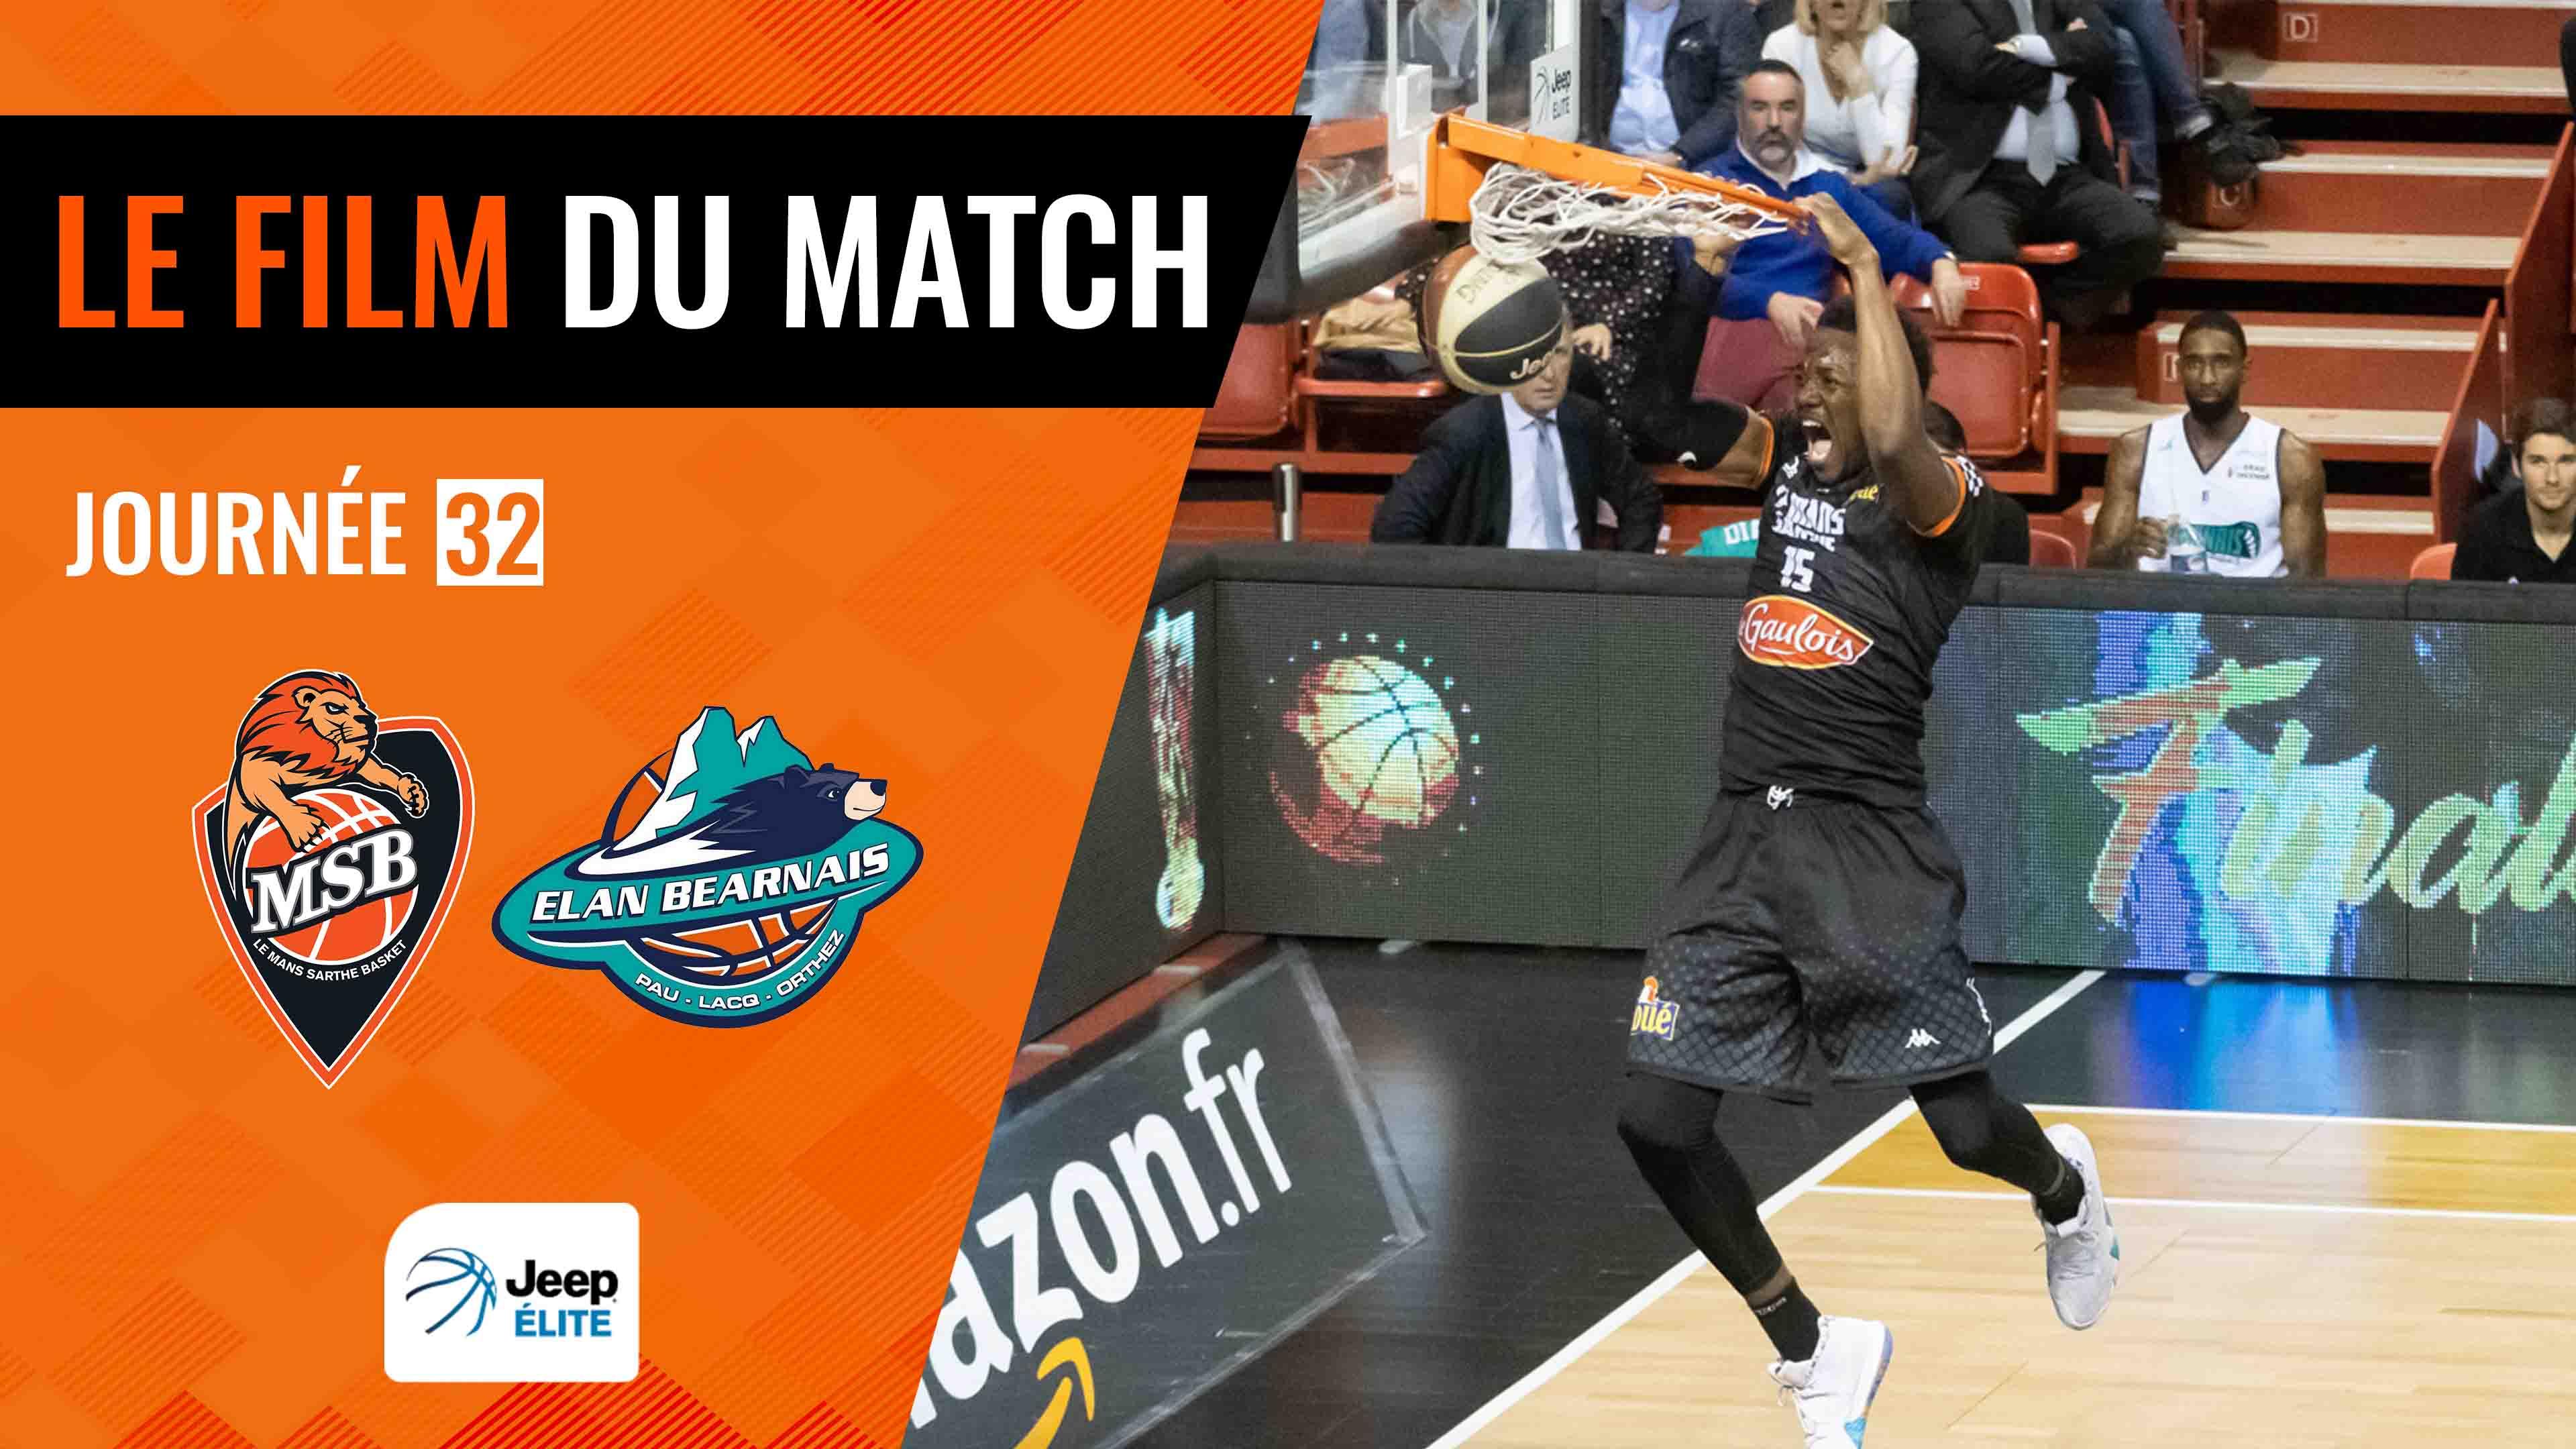 MSB vs. Pau-Lacq-Orthez   Le film du match